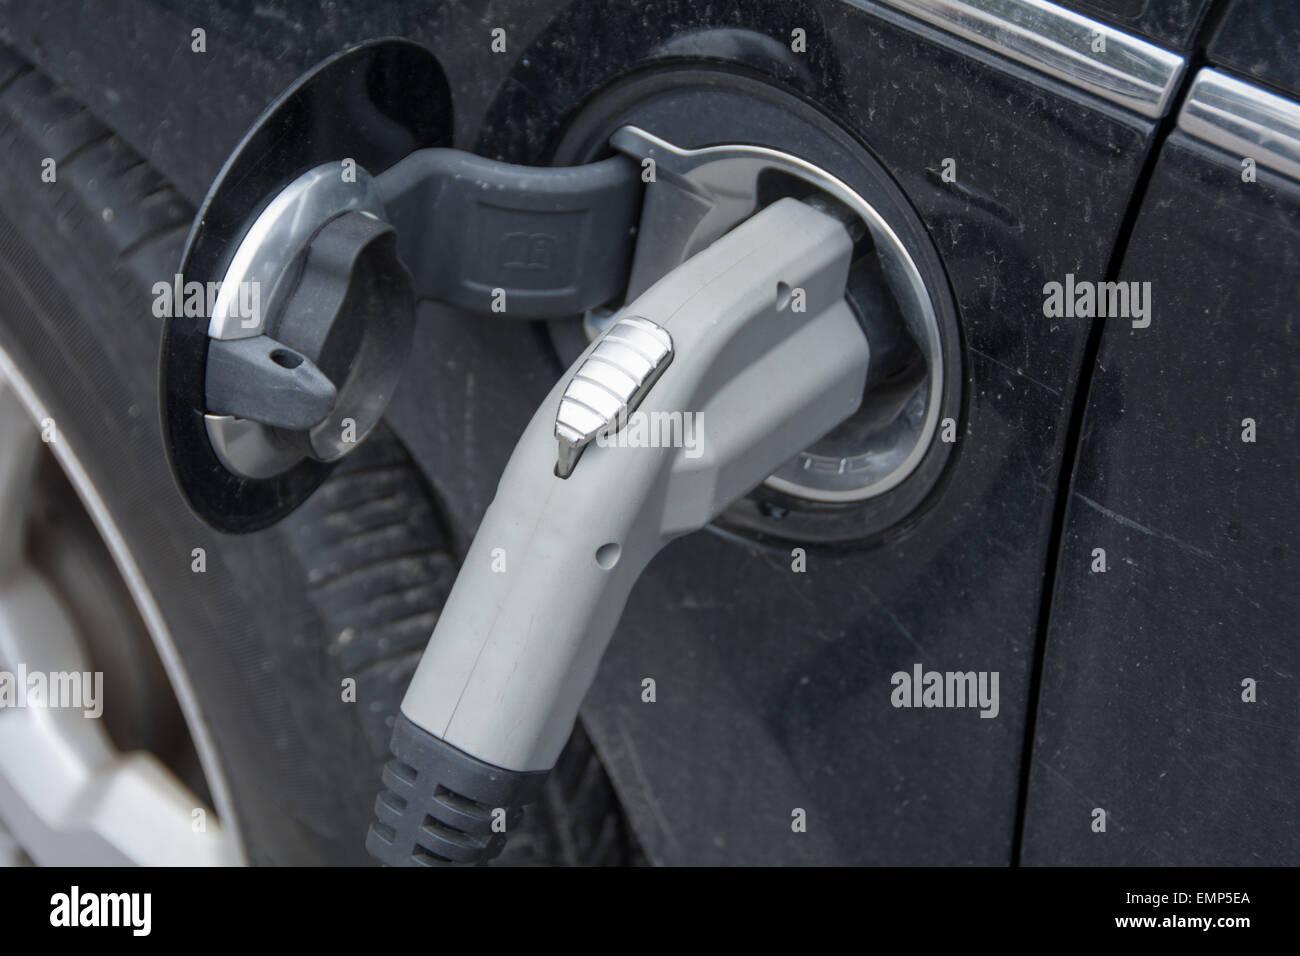 Electric Car Charging Port Stock Photos & Electric Car ...